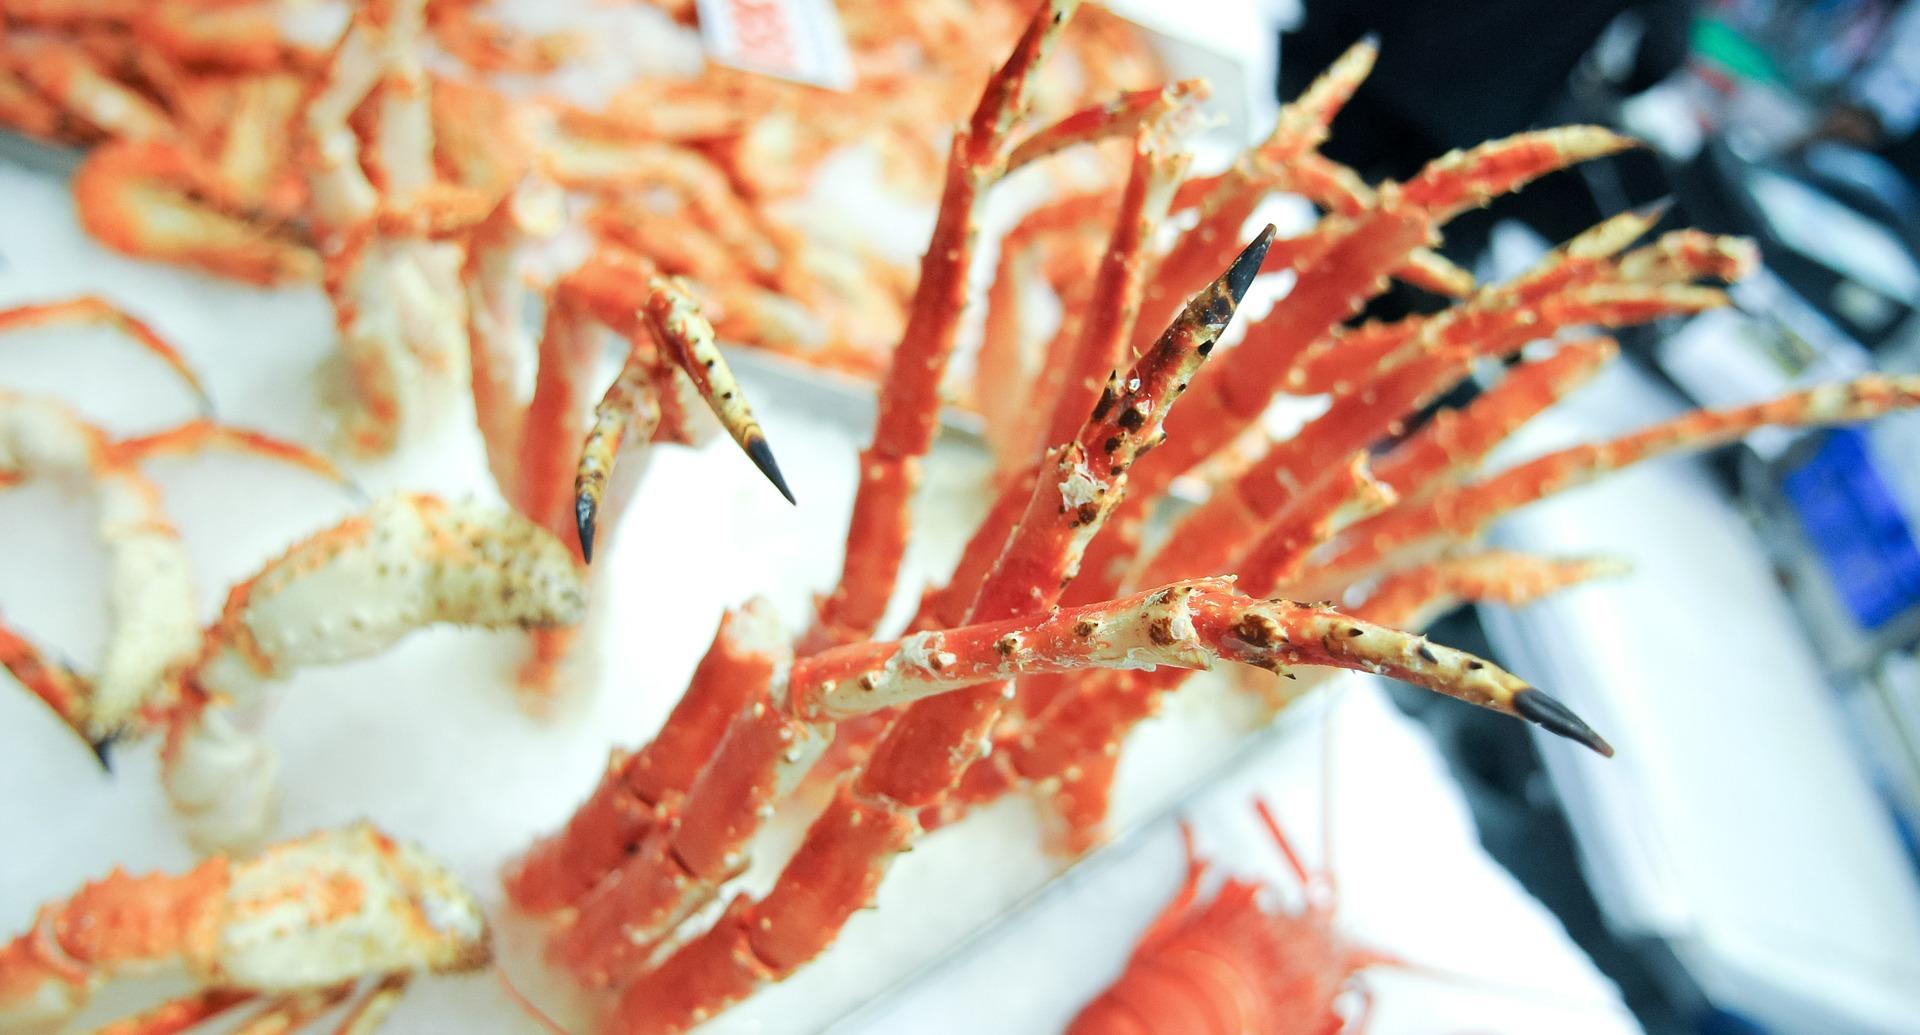 crab_shell_plastic_04